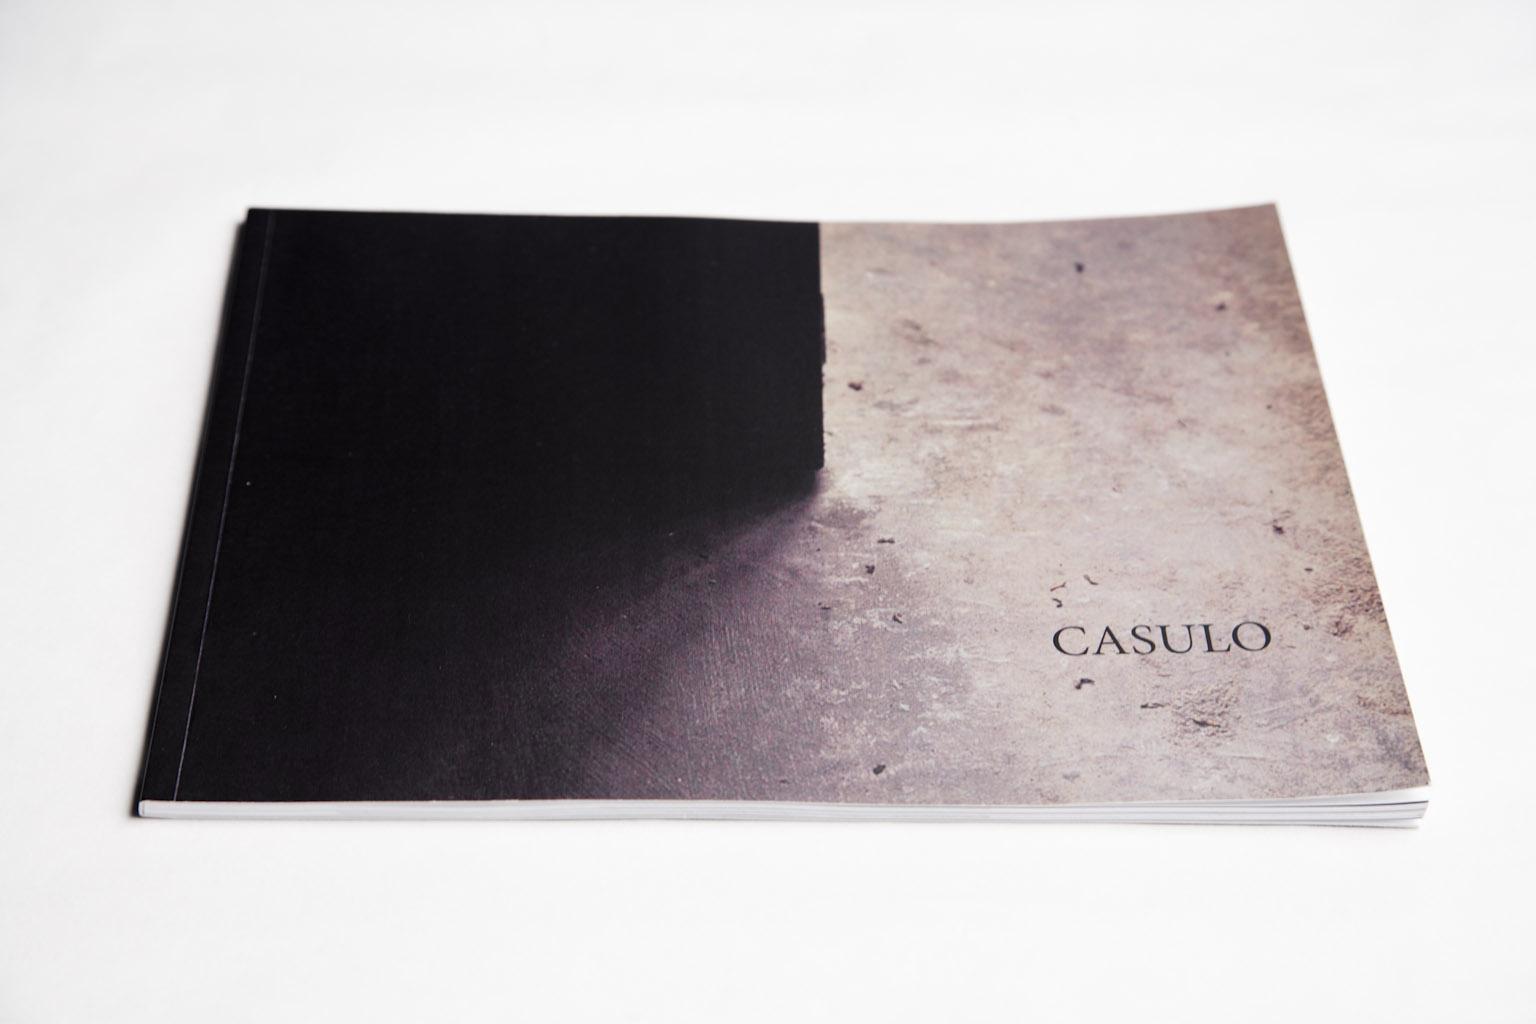 Casulo - Marco Moricone